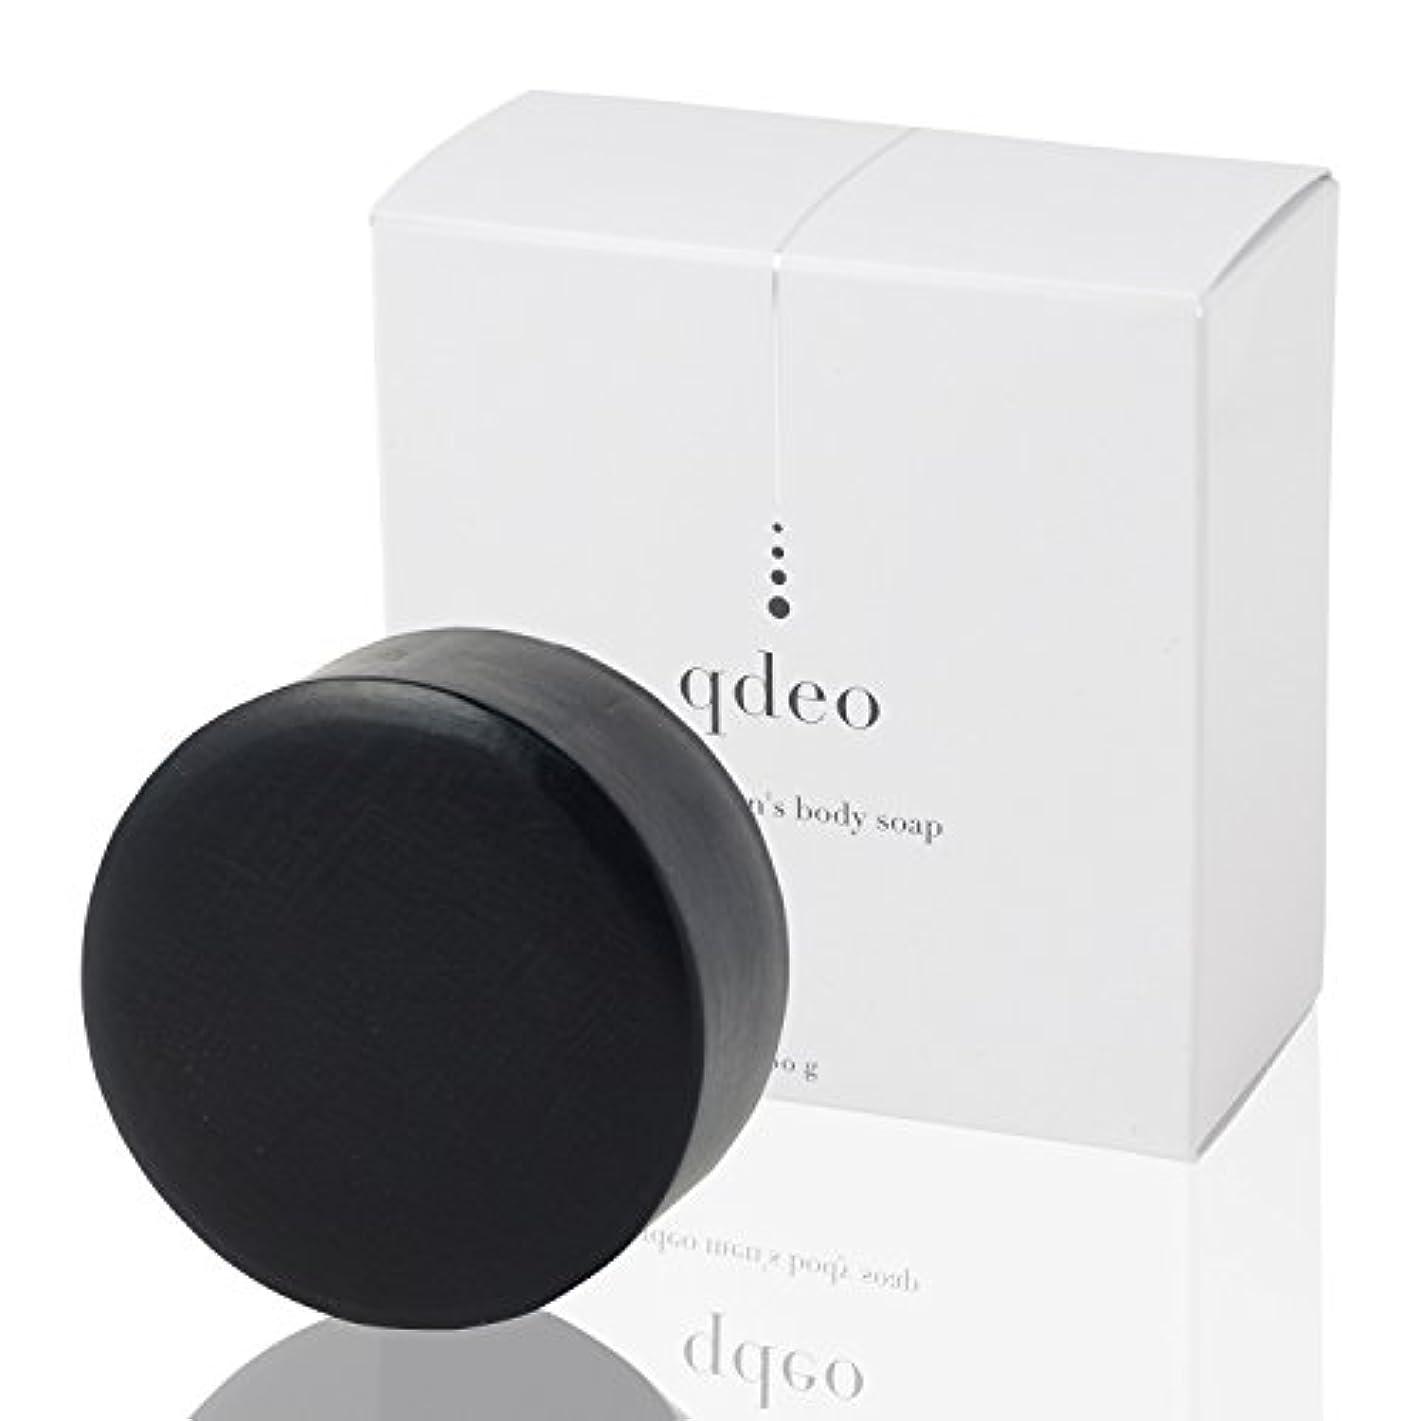 フラッシュのように素早く記事インテリアクデオ メンズ ボディソープ 100g 石鹸 固形 体臭 ワキガ 足の臭い 加齢臭 デリケートゾーン